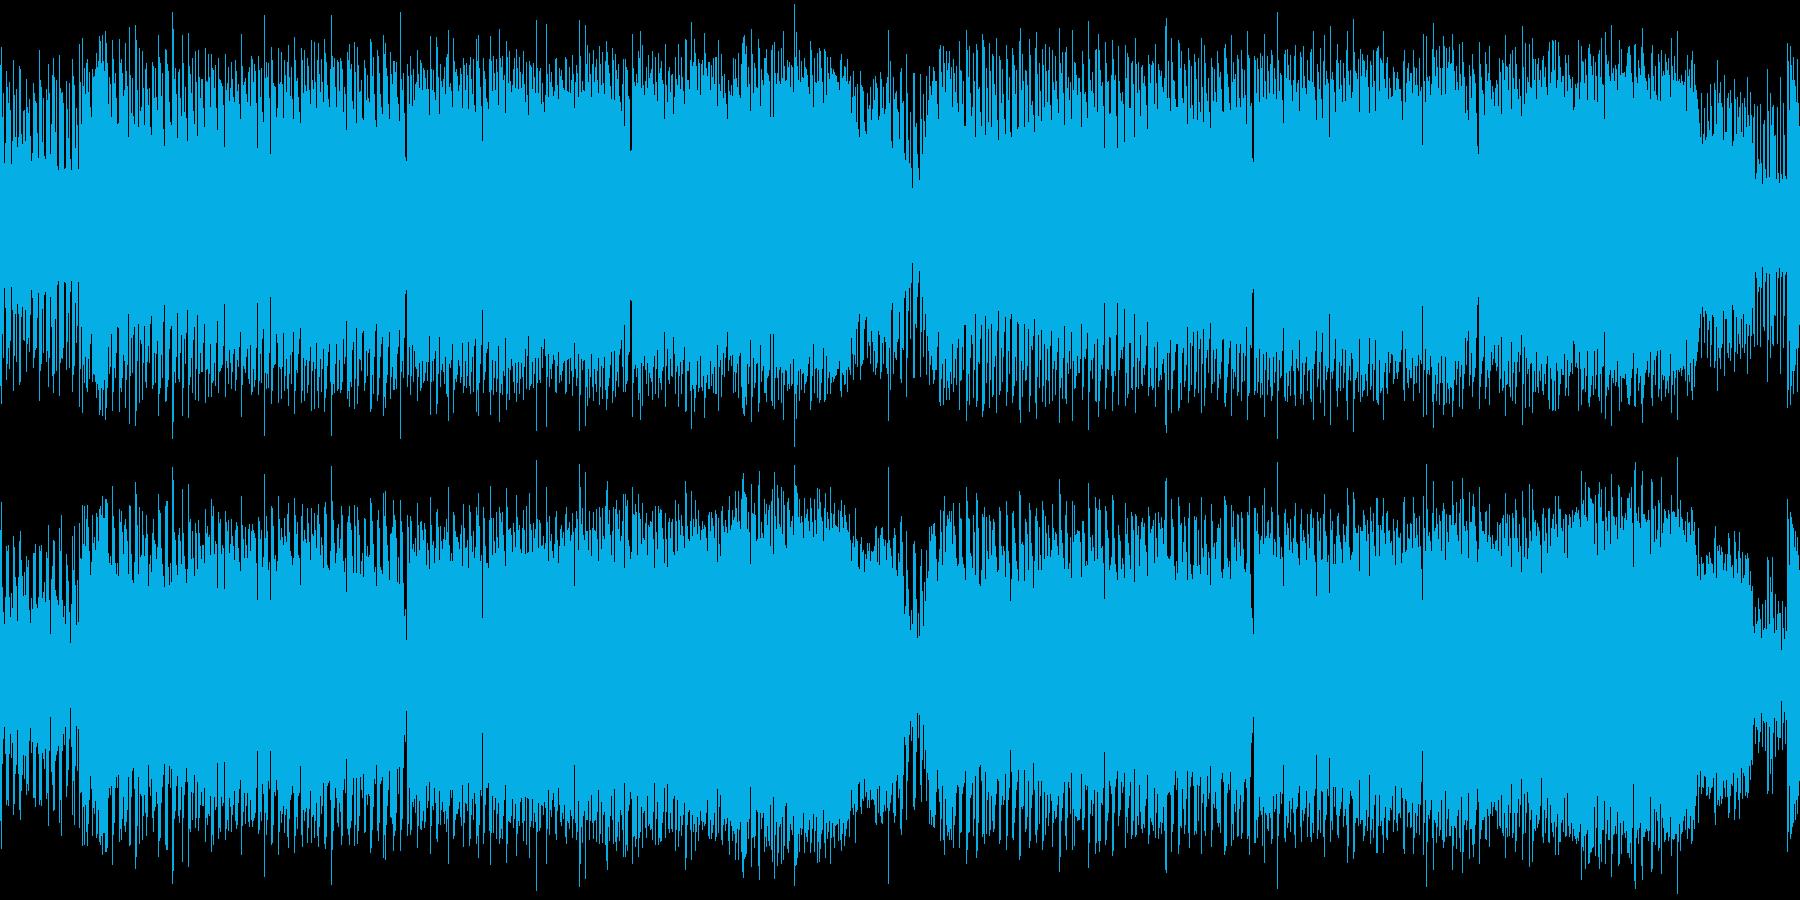 レトロゲーム風クールな感じ・FM音源版の再生済みの波形